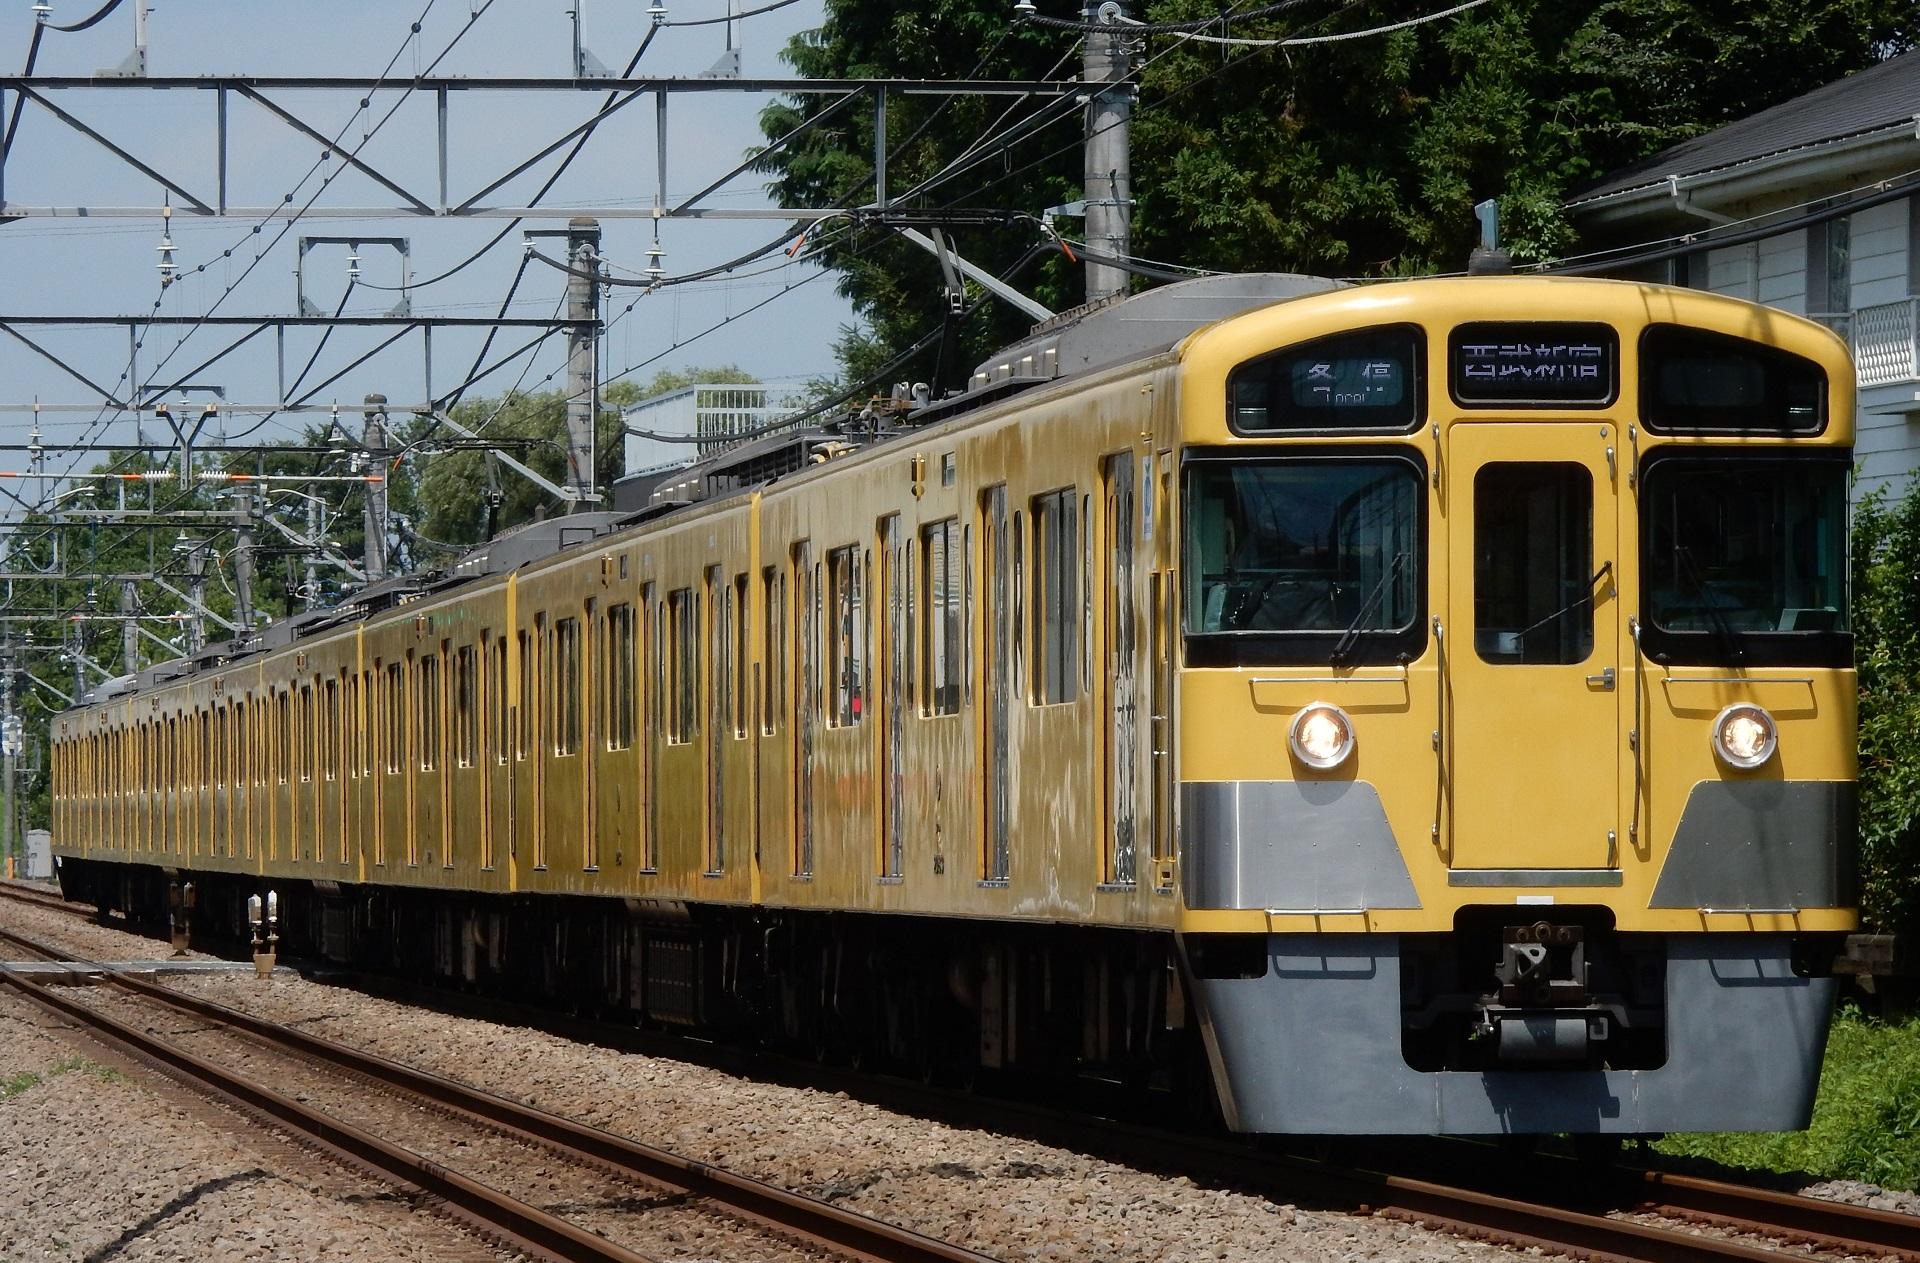 DSCN4117 - コピー